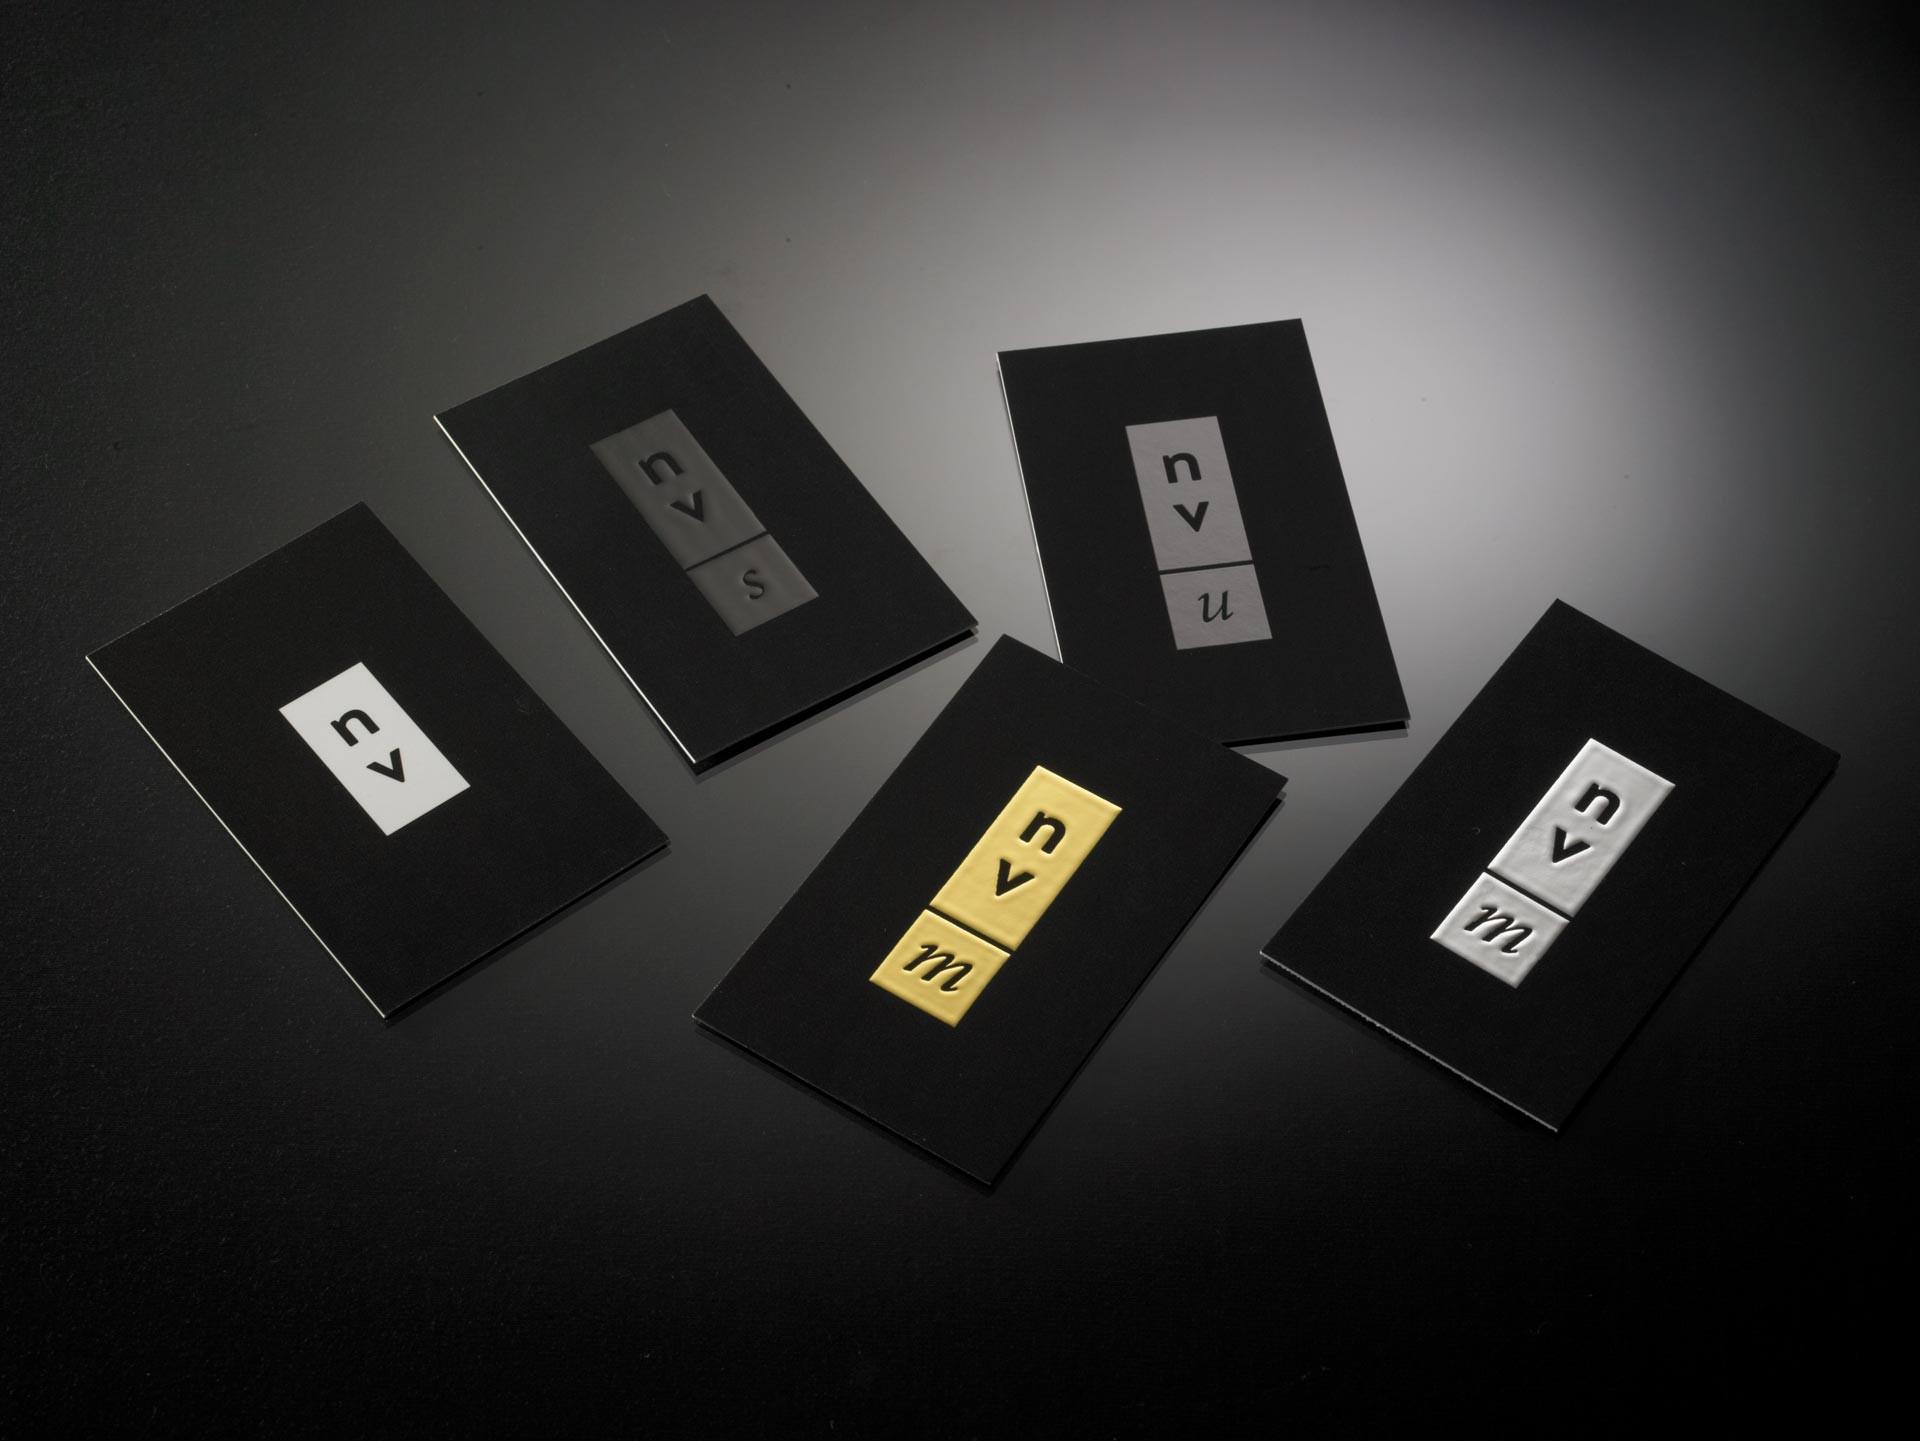 RW-NV-CARDS-000068.jpg